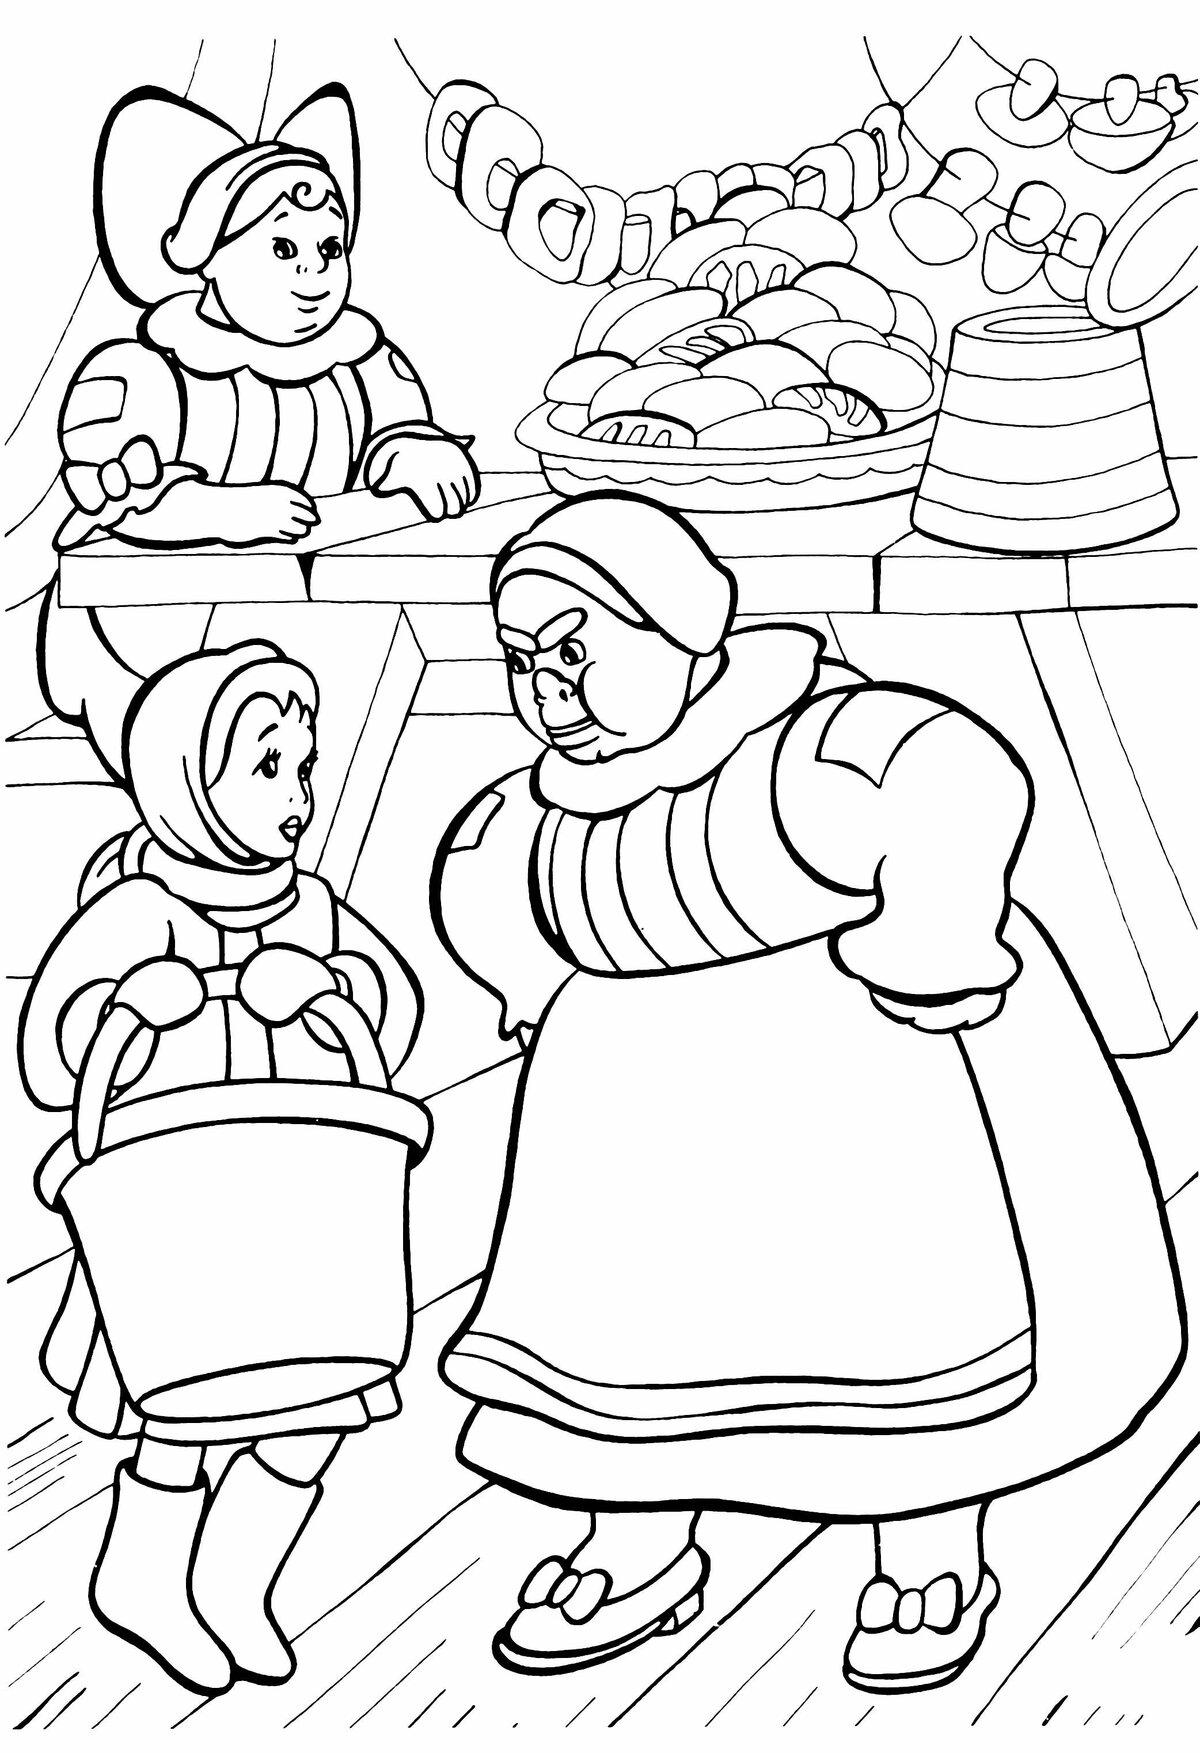 вами картинки карандашами к сказке морозко были качками признаться